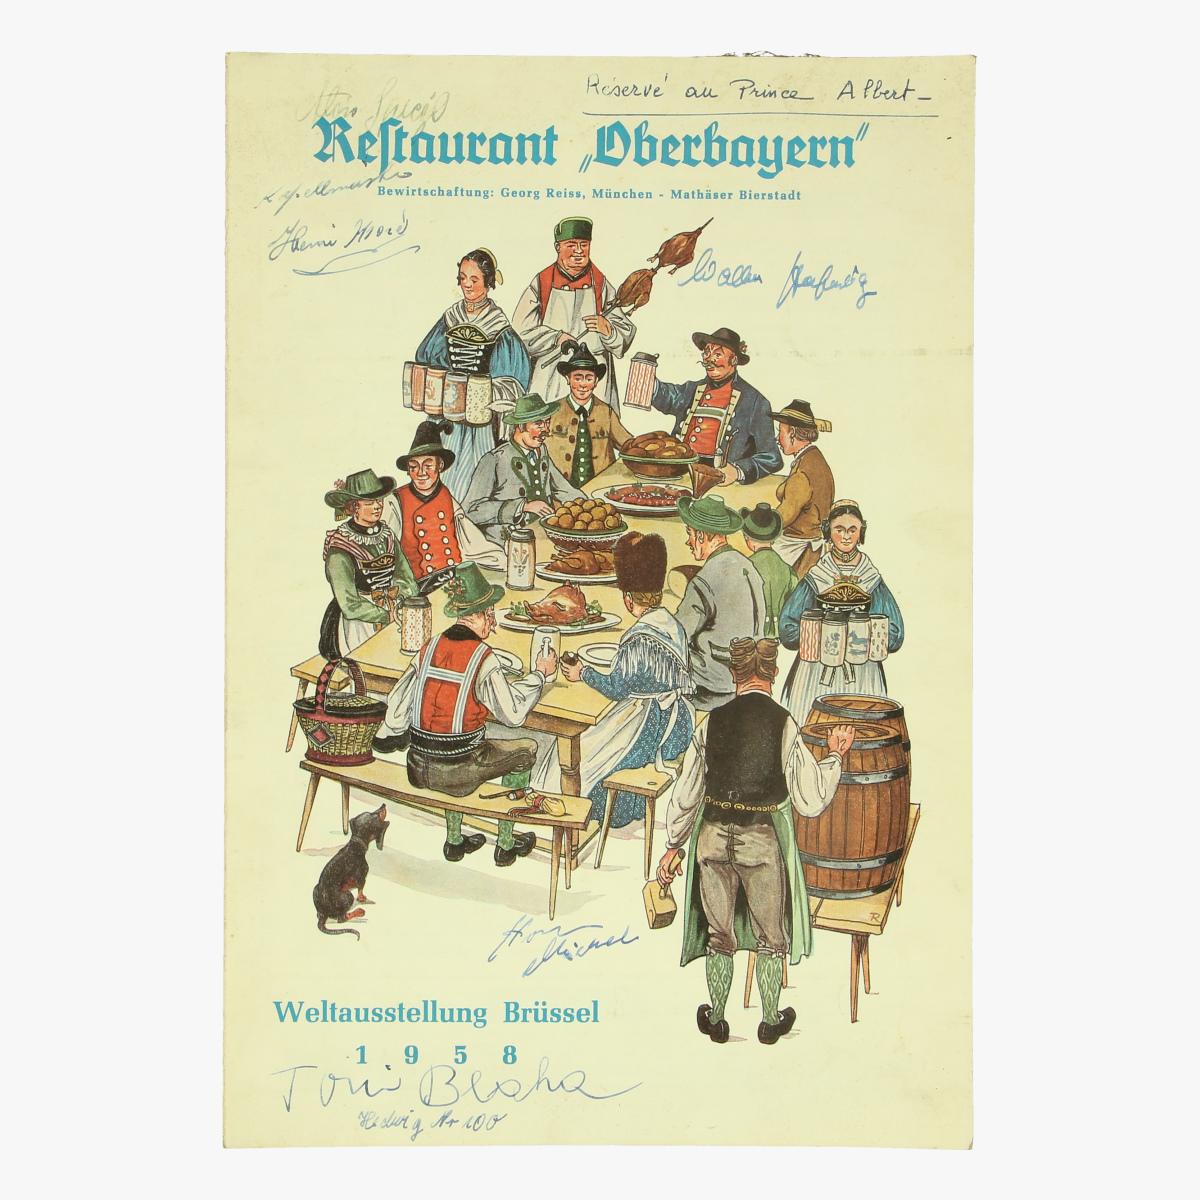 Afbeeldingen van expo 58 menukaart restaurant oberbayern